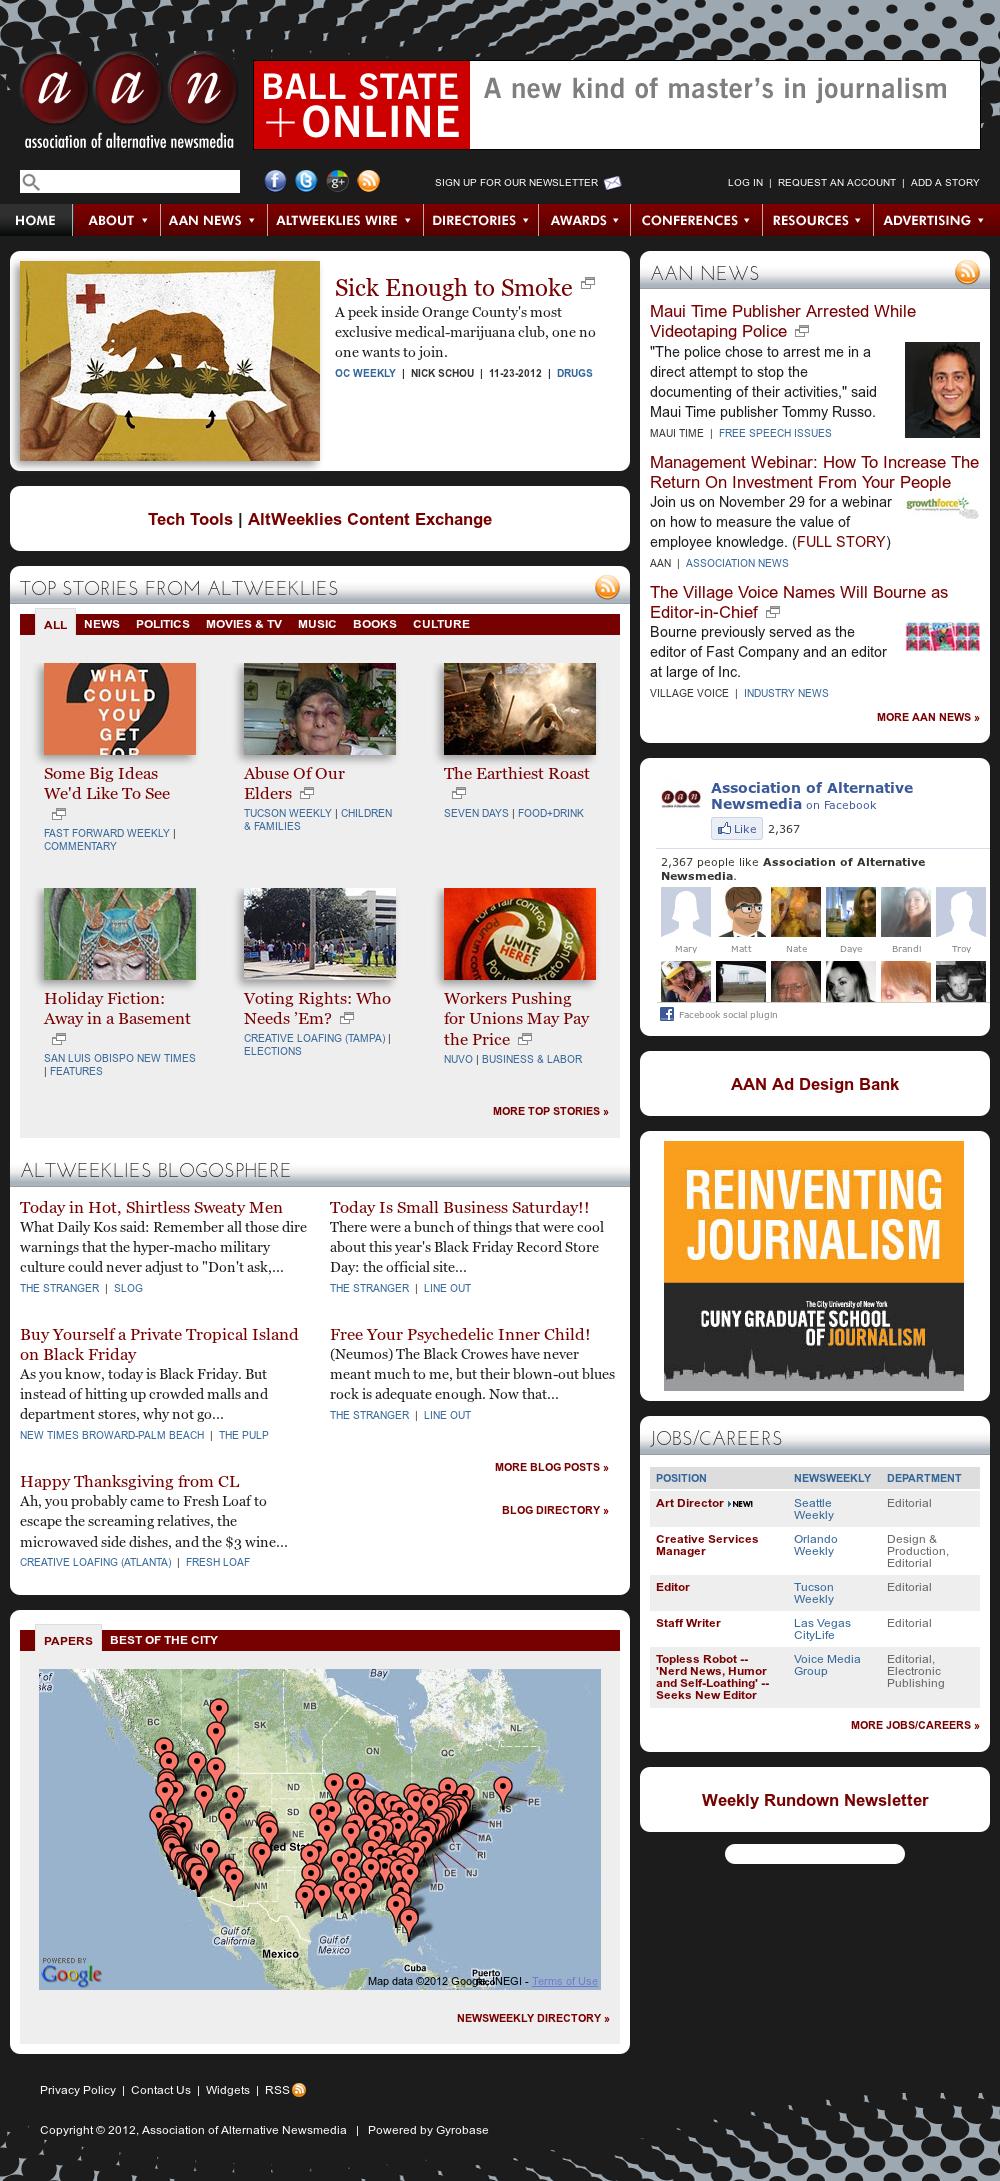 Association of Alternative Newsmedia at Sunday Nov. 25, 2012, 6:01 a.m. UTC